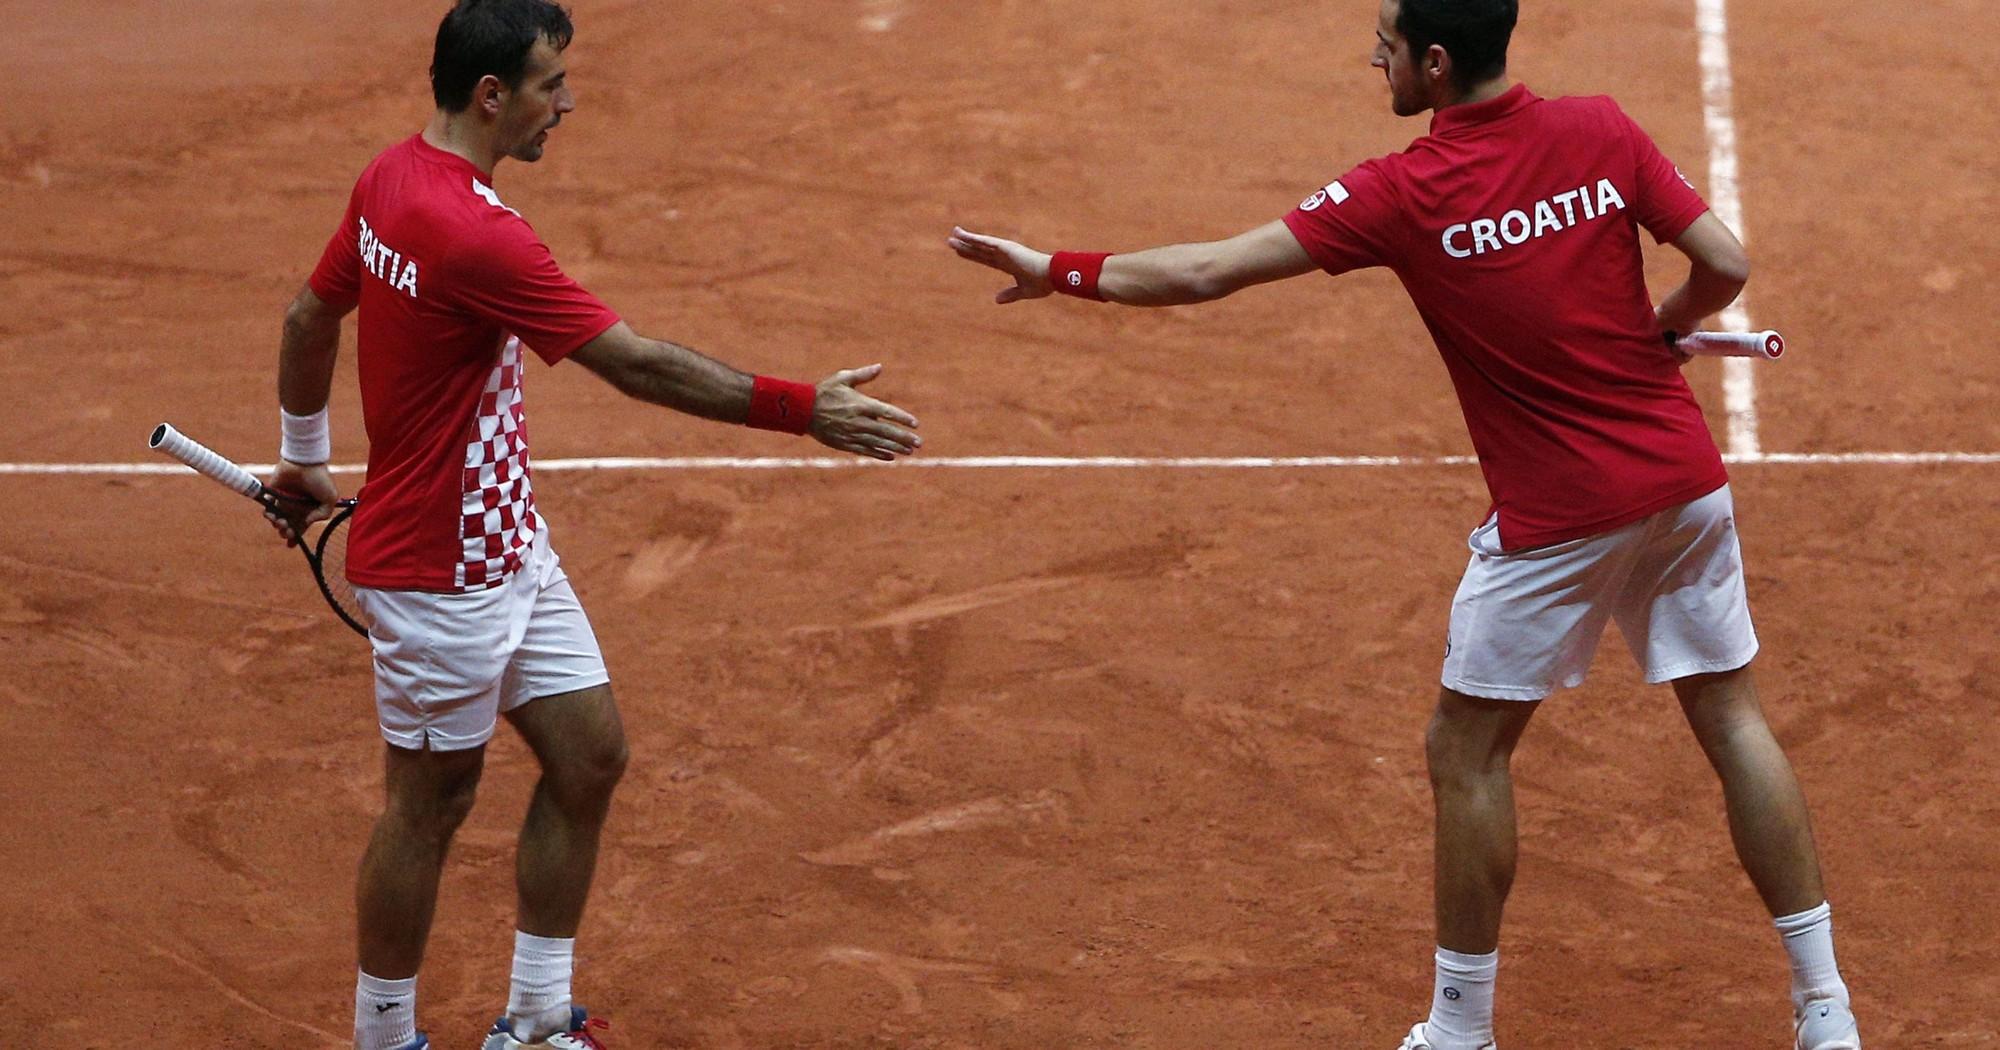 Pháp níu giữ hi vọng ở chung kết Davis Cup - Ảnh 1.